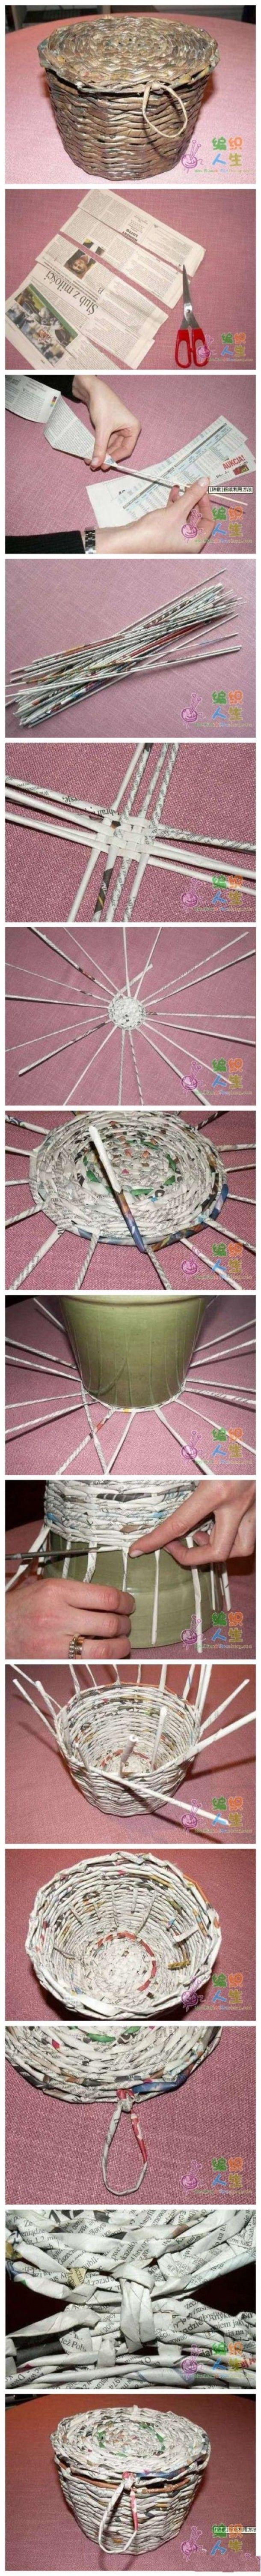 25 beste idee n over lijm knutselen op pinterest glitterlijm knutsels lijm schilderij en - Decoratie schilderij wc ...